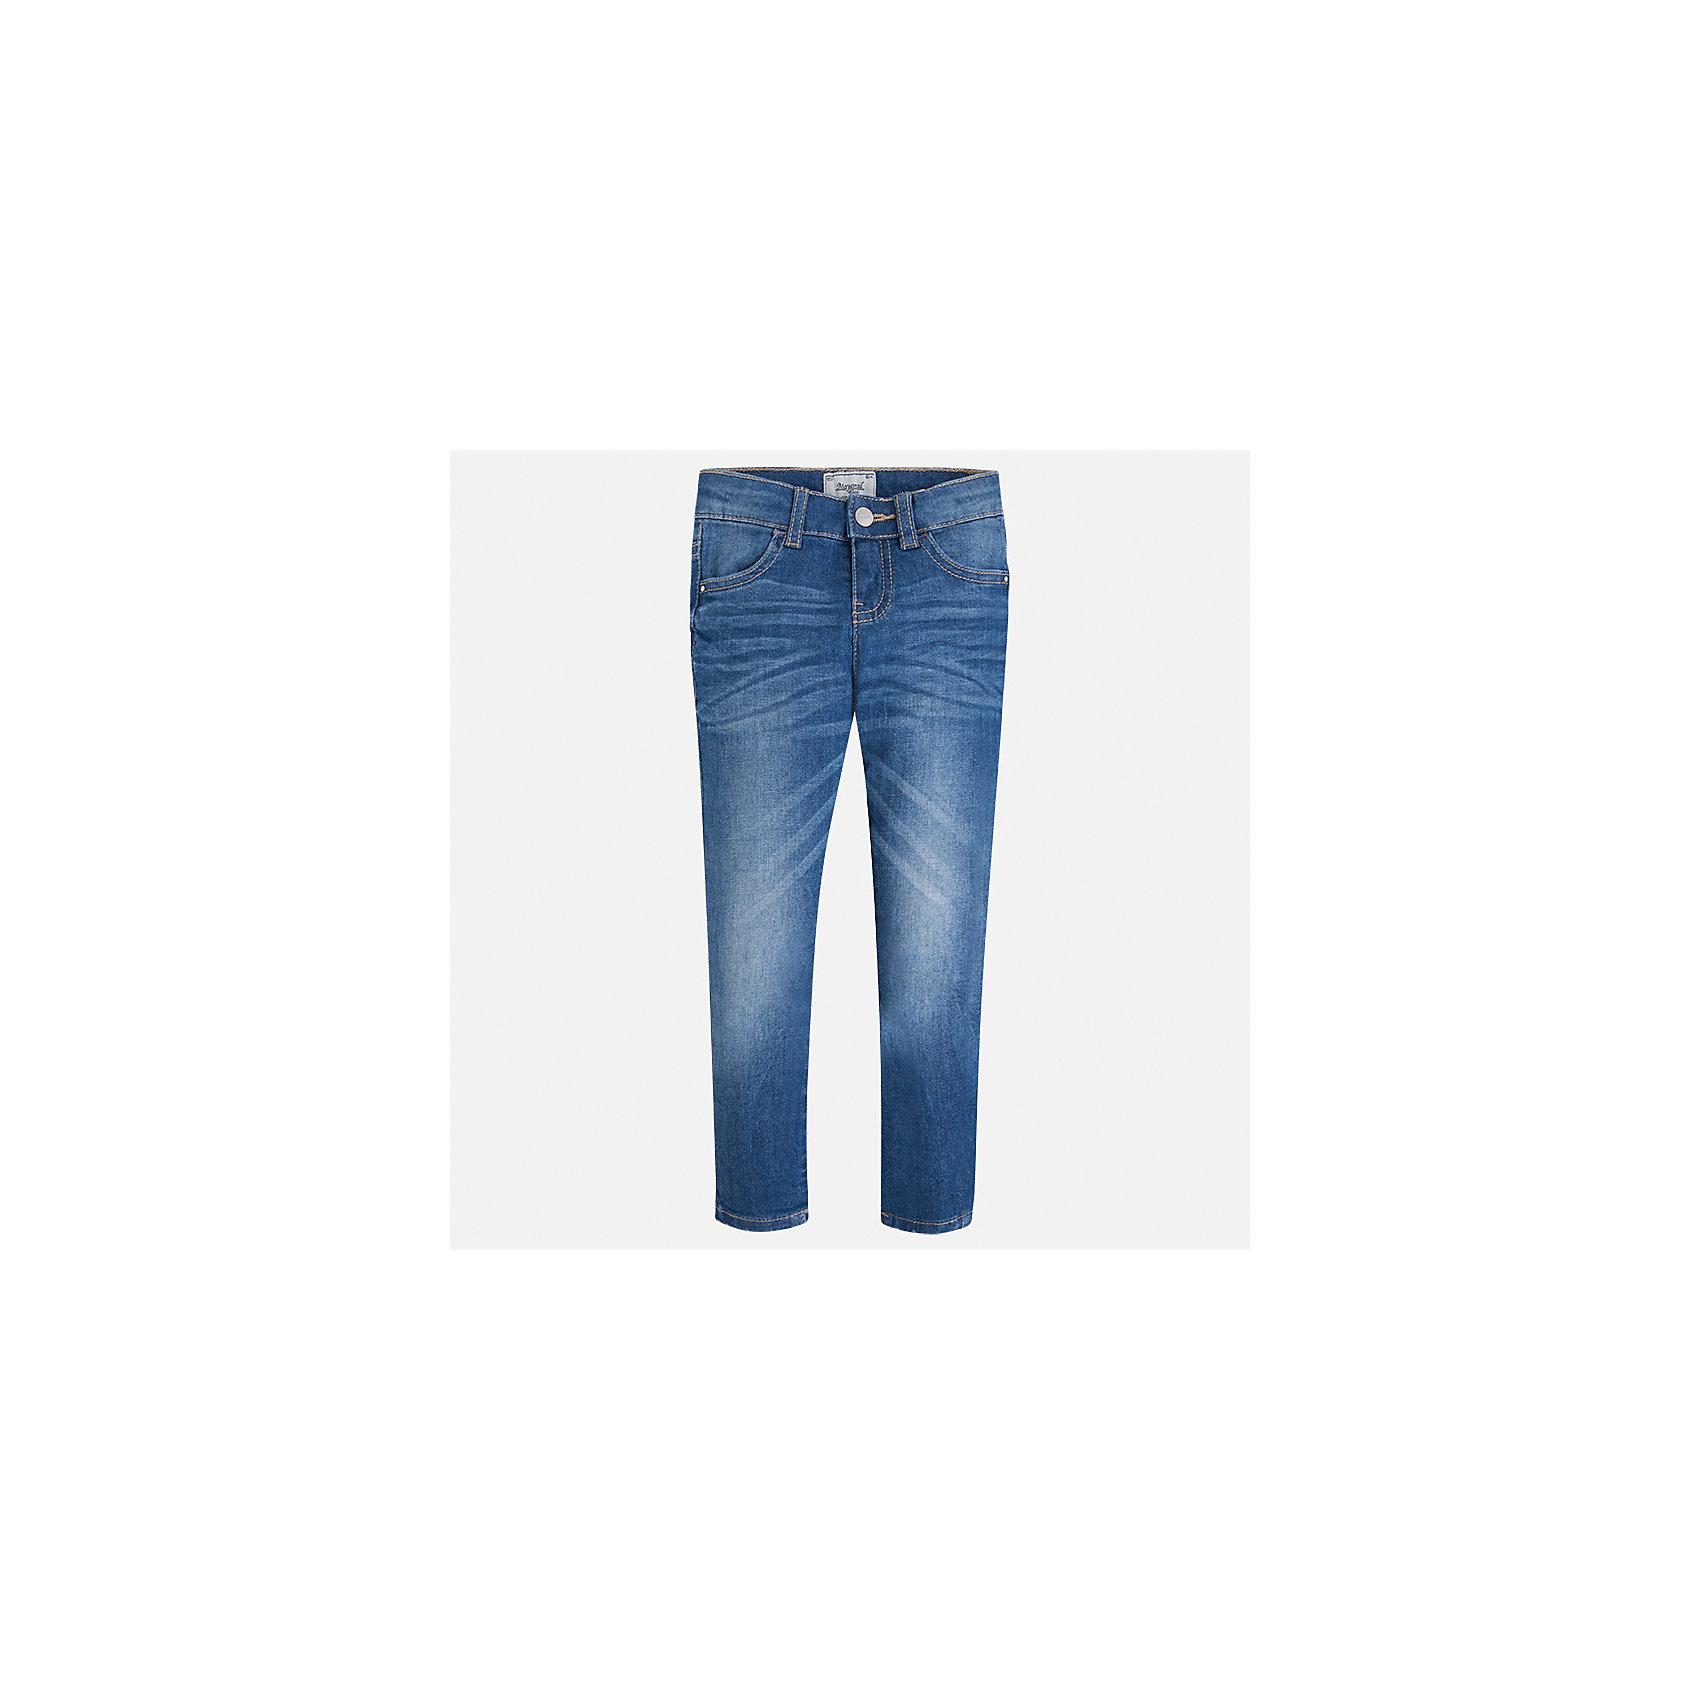 Джинсы для девочки MayoralДжинсовая одежда<br>Характеристики товара:<br><br>• цвет: синий<br>• состав: 98% хлопок, 2% эластан<br>• эффект потертости<br>• карманы<br>• пояс с регулировкой объема<br>• шлевки<br>• страна бренда: Испания<br><br>Стильные джинсы для девочки смогут разнообразить гардероб ребенка и украсить наряд. Они отлично сочетаются с майками, футболками, блузками. Красивый оттенок позволяет подобрать к вещи верх разных расцветок. Интересный крой модели делает её нарядной и оригинальной. В составе материала - натуральный хлопок, гипоаллергенный, приятный на ощупь, дышащий.<br><br>Одежда, обувь и аксессуары от испанского бренда Mayoral полюбились детям и взрослым по всему миру. Модели этой марки - стильные и удобные. Для их производства используются только безопасные, качественные материалы и фурнитура. Порадуйте ребенка модными и красивыми вещами от Mayoral! <br><br>Джинсы для девочки от испанского бренда Mayoral (Майорал) можно купить в нашем интернет-магазине.<br><br>Ширина мм: 215<br>Глубина мм: 88<br>Высота мм: 191<br>Вес г: 336<br>Цвет: синий<br>Возраст от месяцев: 18<br>Возраст до месяцев: 24<br>Пол: Женский<br>Возраст: Детский<br>Размер: 92,98,104,110,116,122,128,134<br>SKU: 5288488